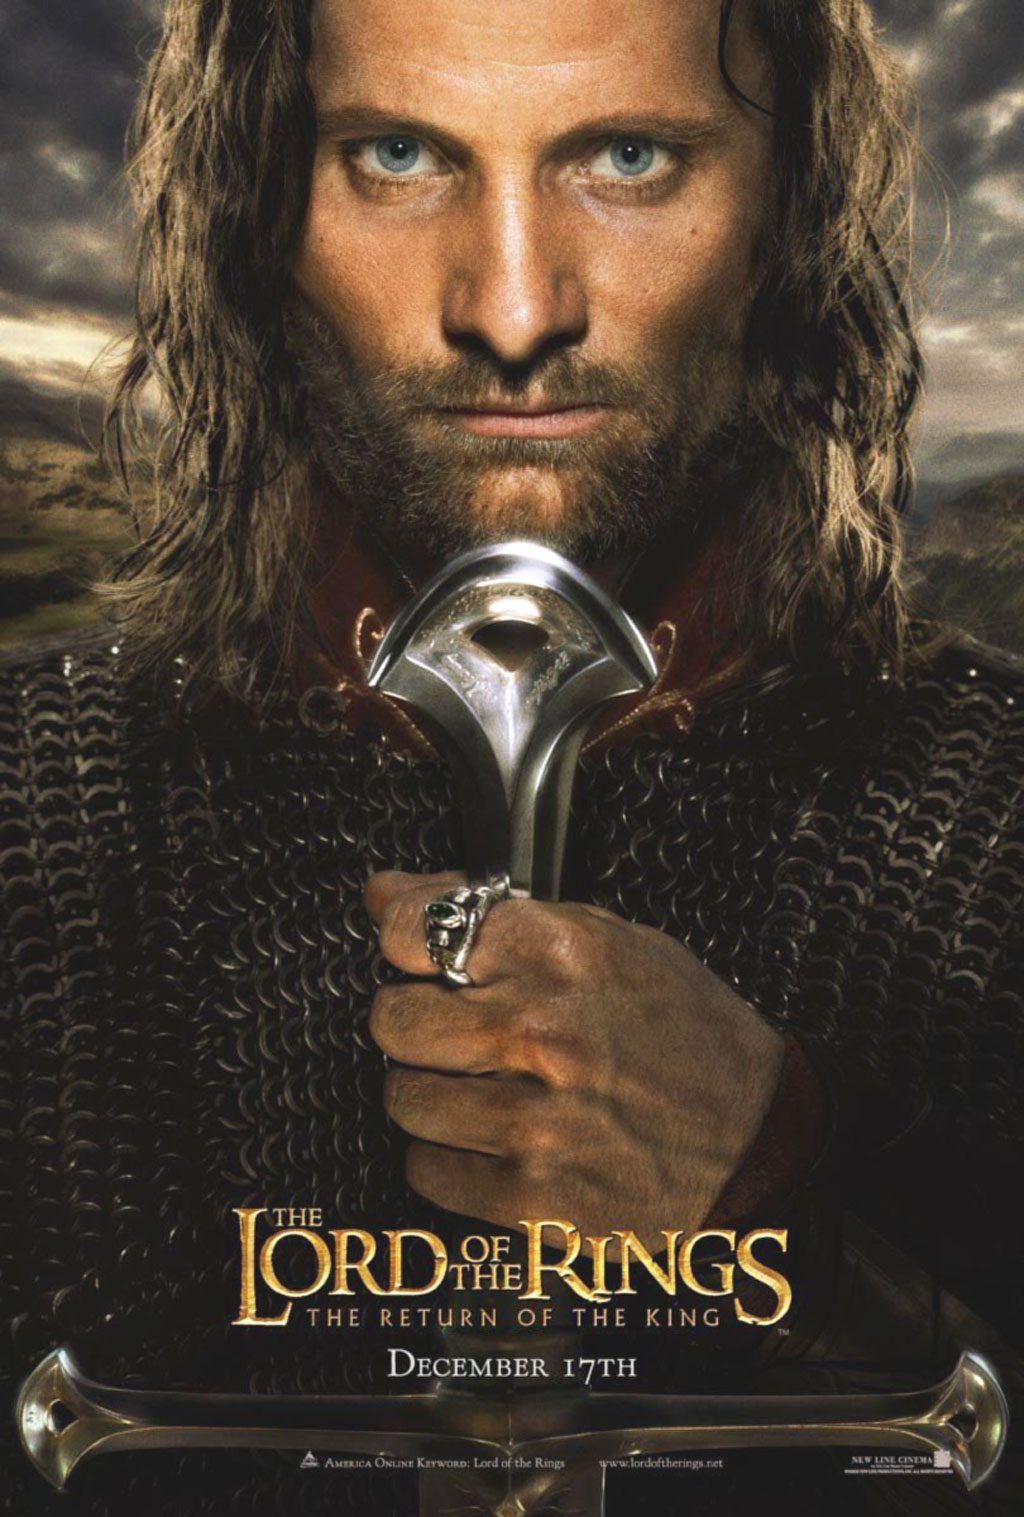 Frodo: Riesco a vedere la Contea, il fiume Brandivino, Casa Baggins, i fuochi d'artificio di Gandalf, le luci dell'albero della festa... | Sam: Rosy Cotton che balla.. aveva nastri nei capelli. Se mai mi fossi sposato con qualcuna sarebbe stata lei... Sarebbe stata lei. | Frodo: Sono felice di...